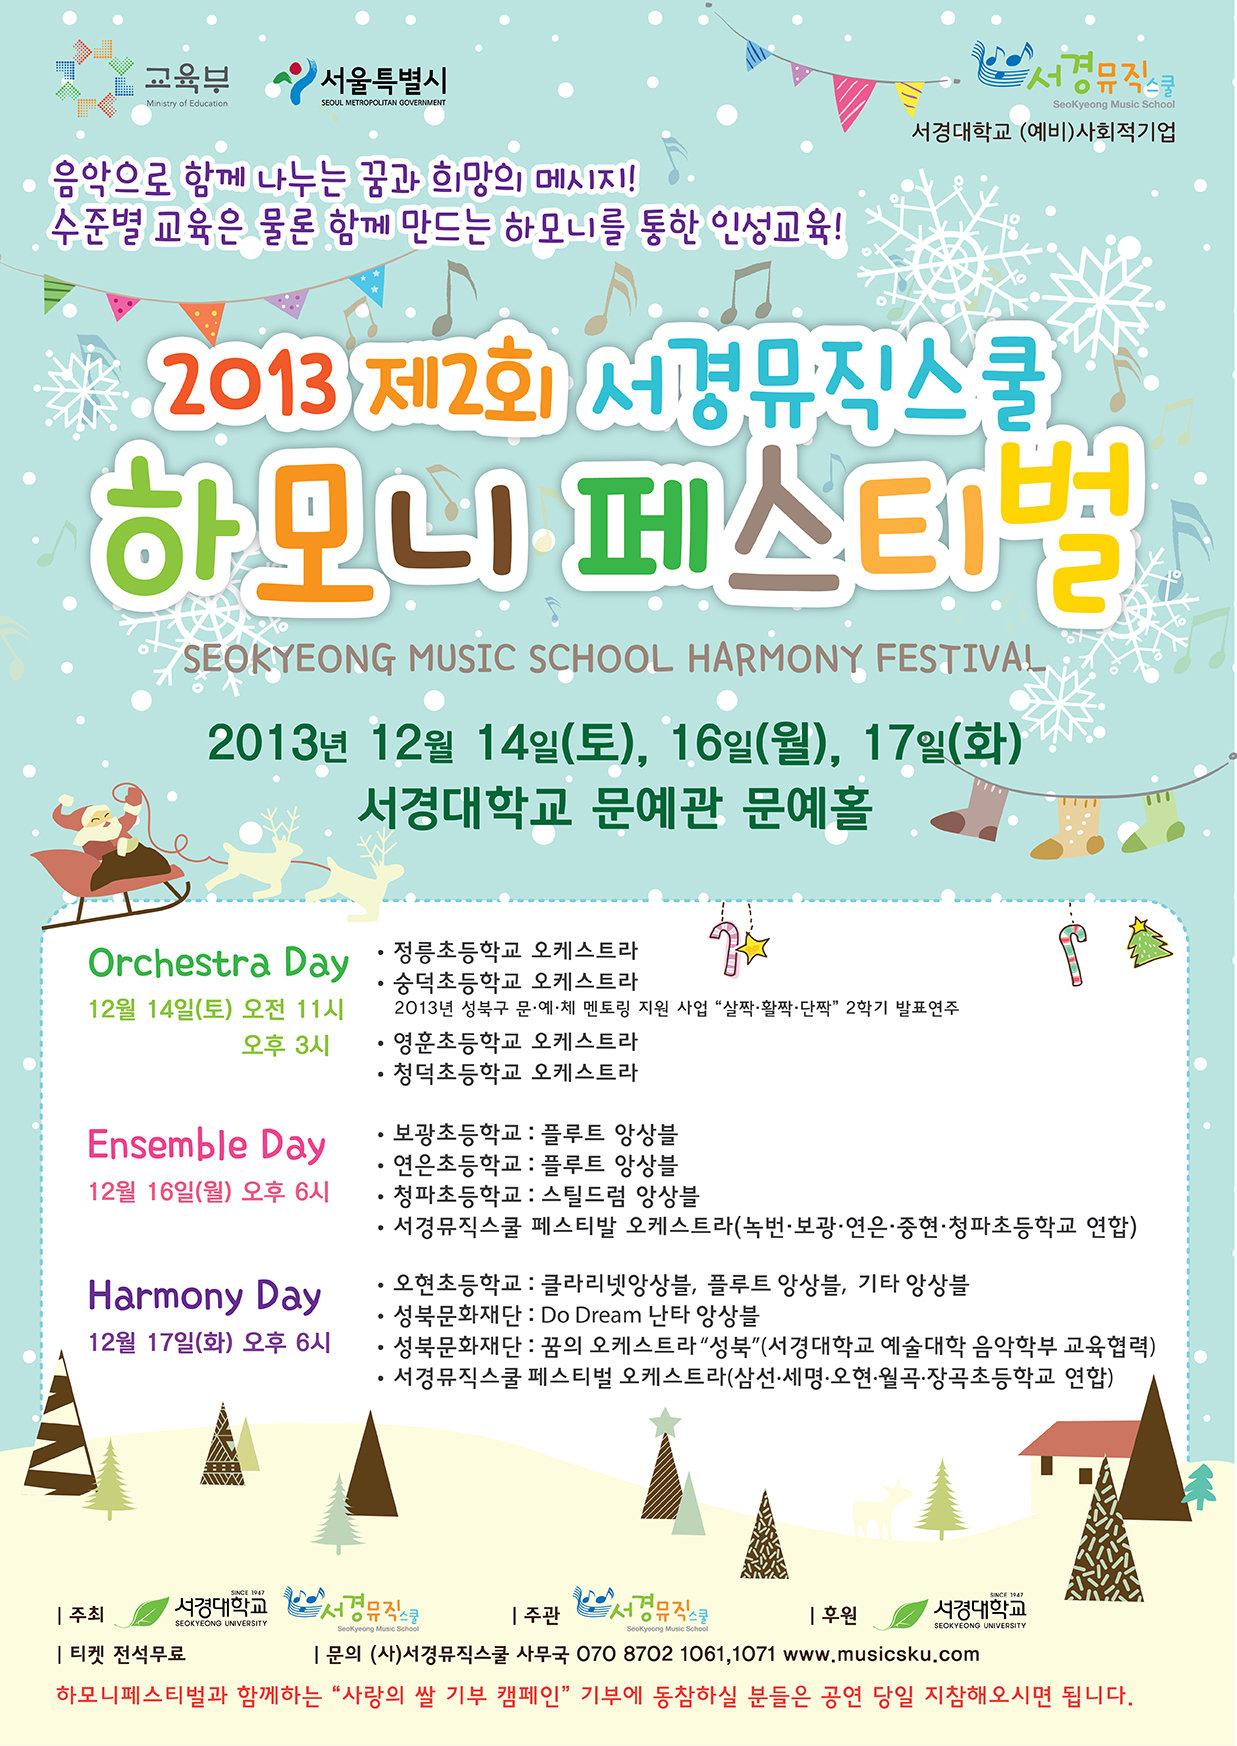 2012_11_08_서경뮤직스쿨 하모니 페스티벌 포스터!.jpg